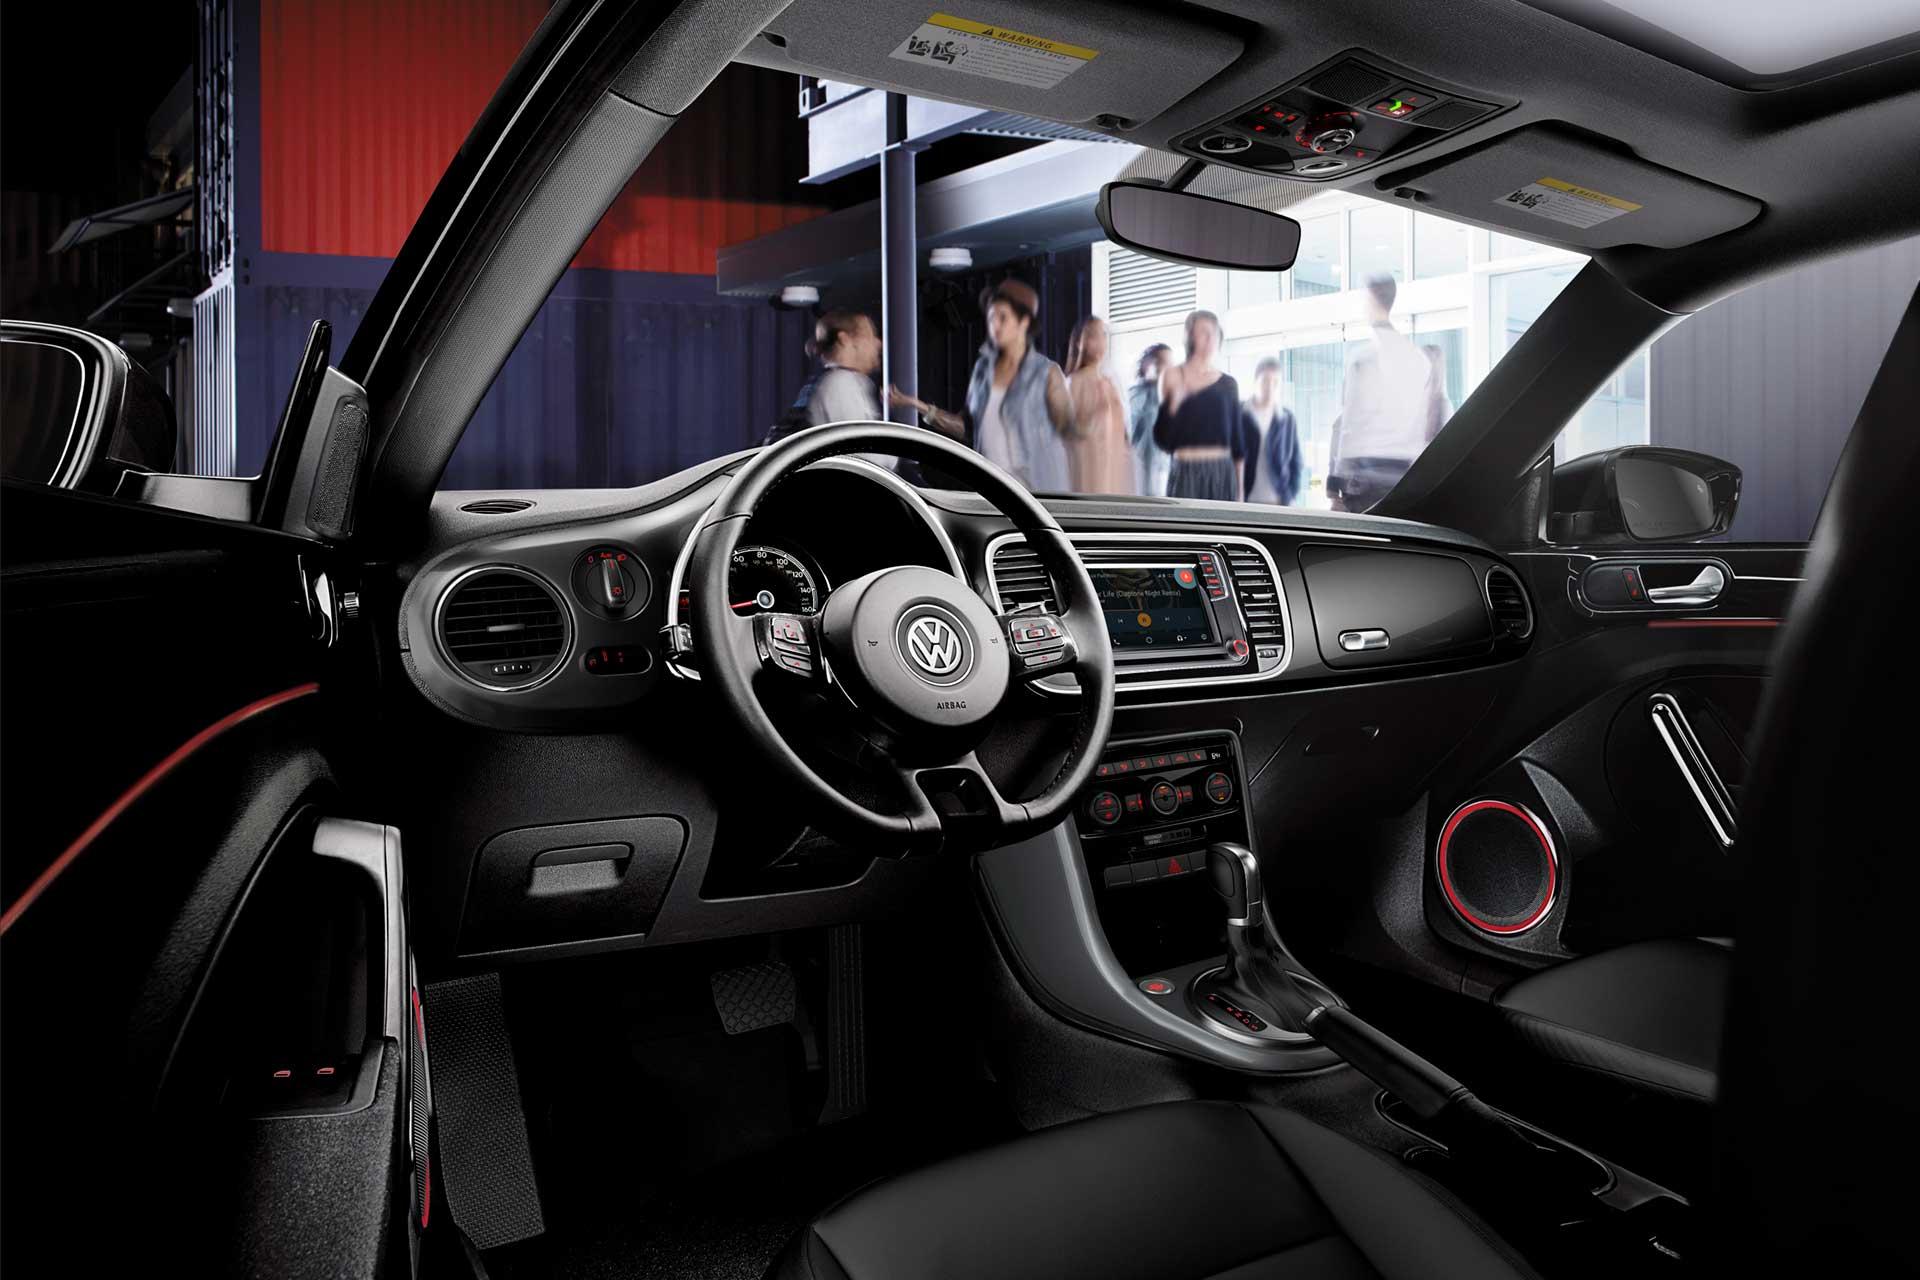 2019 Volkswagen Beetle Driver Console